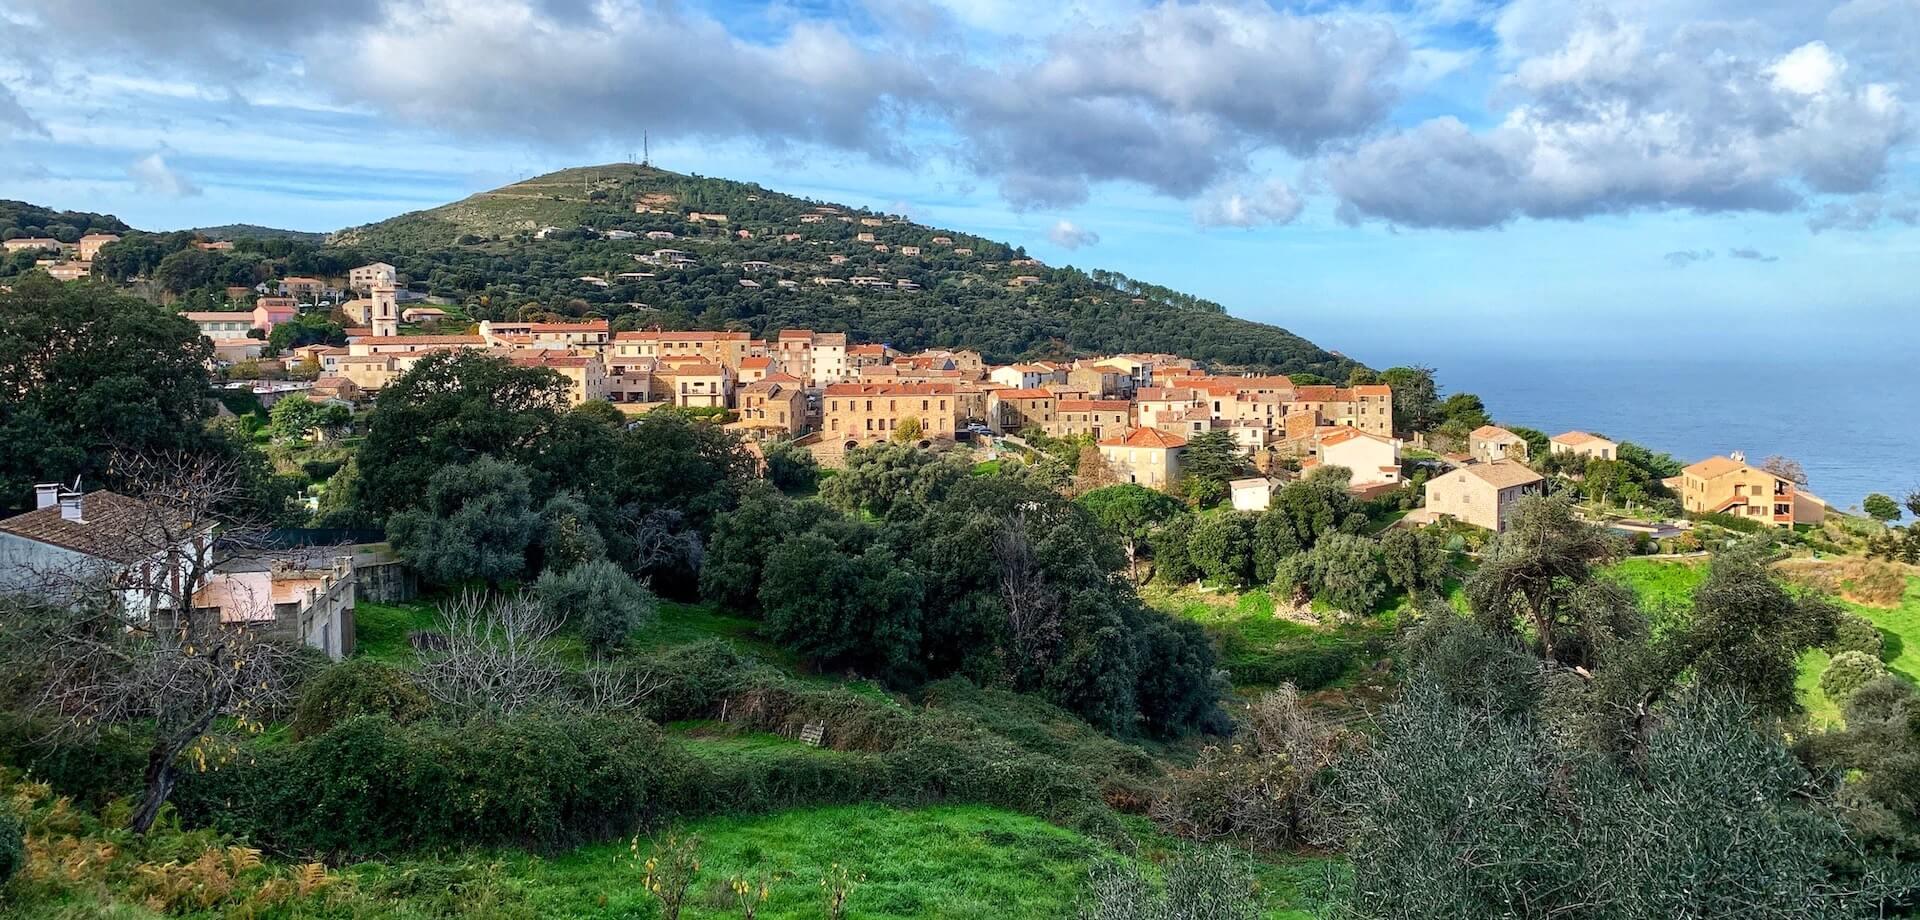 Piana Corse